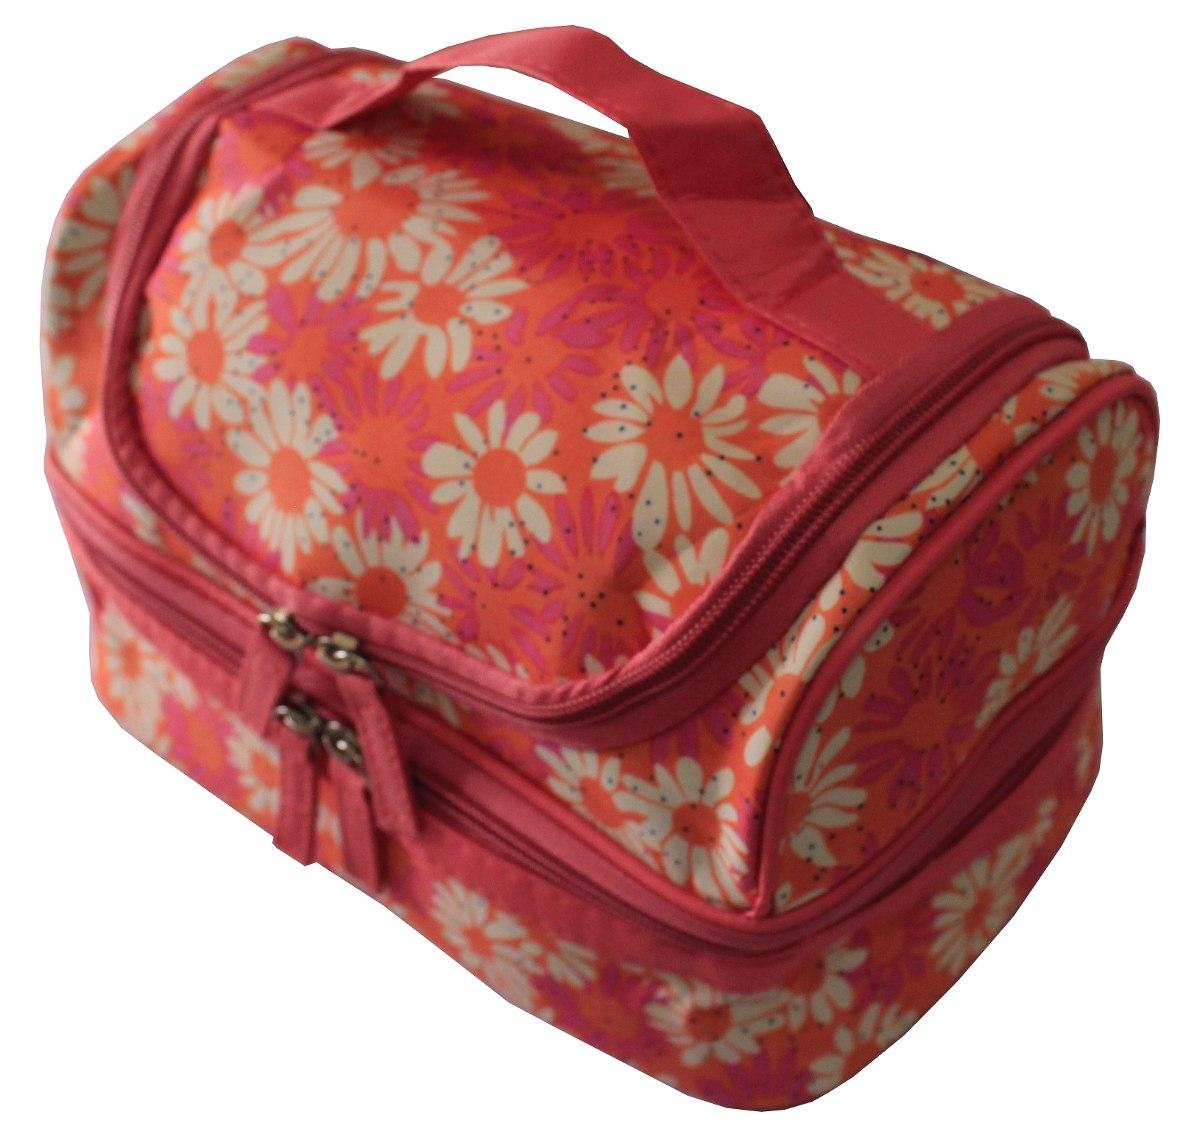 Bolsa Feminina Com Compartimento Para Marmita : Frasqueira t?rmica necessaire bolsa feminina marmita